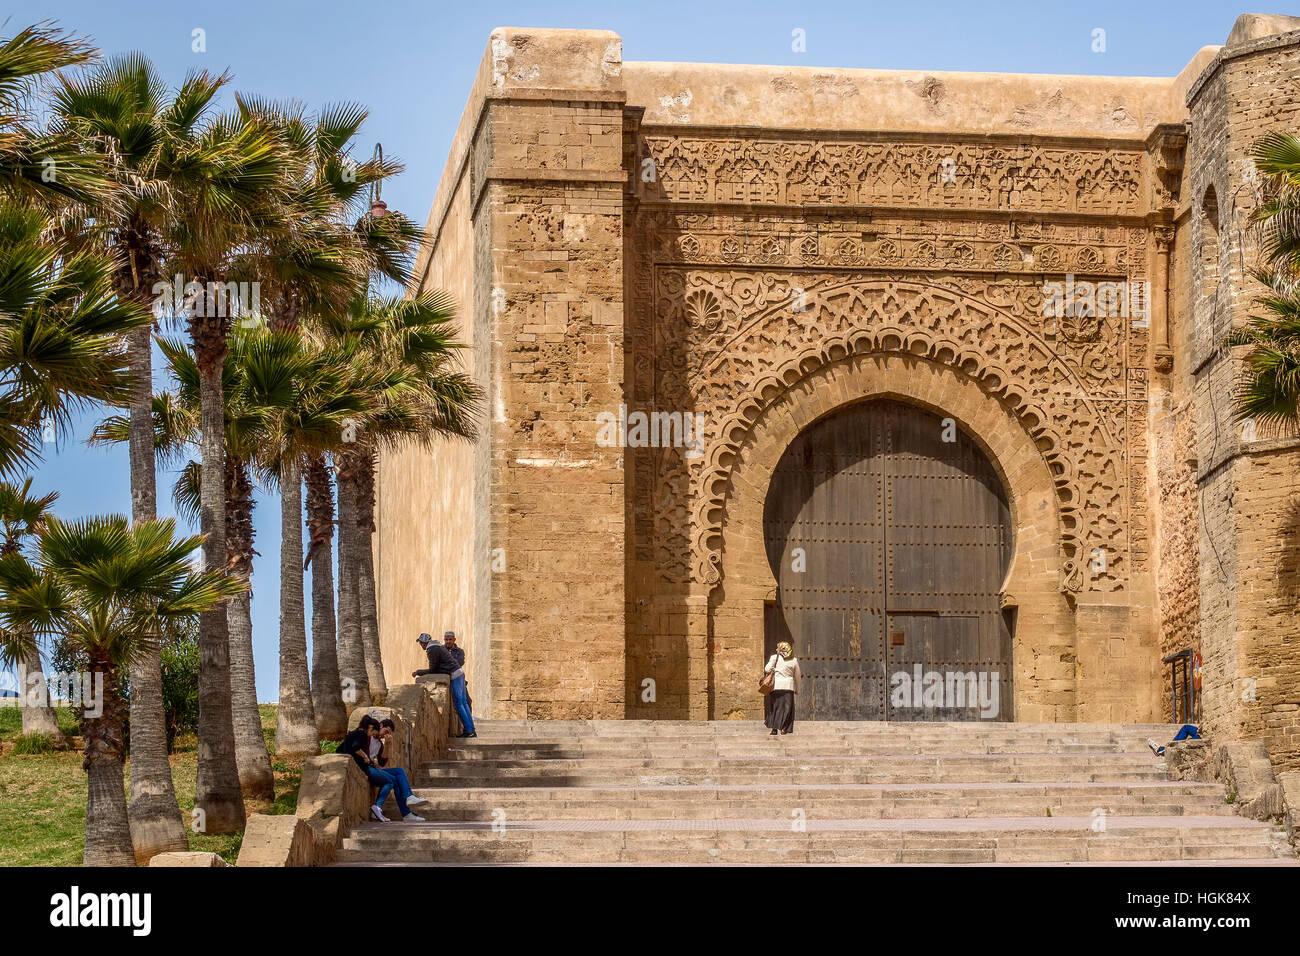 Grande porte d 39 entr e kasbah des oudayas rabat maroc banque d 39 images photo stock 130730570 alamy - Grande porte d entree ...